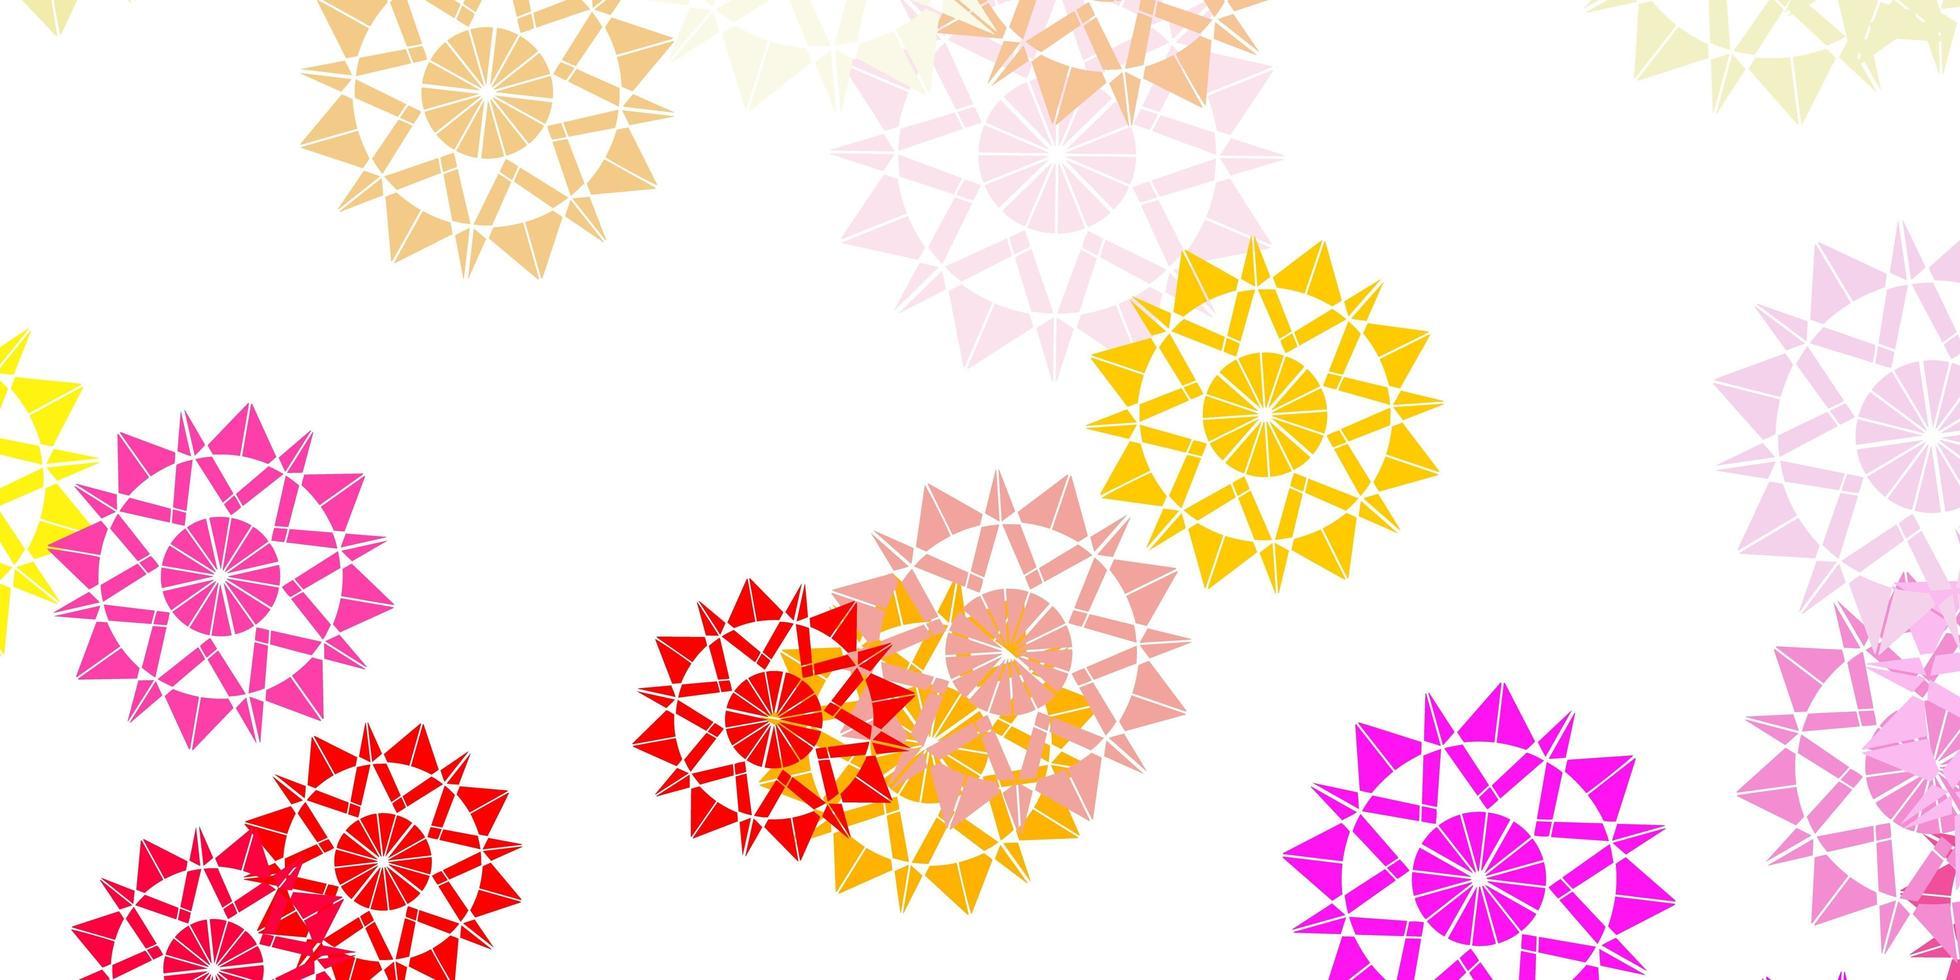 schöne mehrfarbige Vektor schöne Schneeflocken Hintergrund mit Blumen.